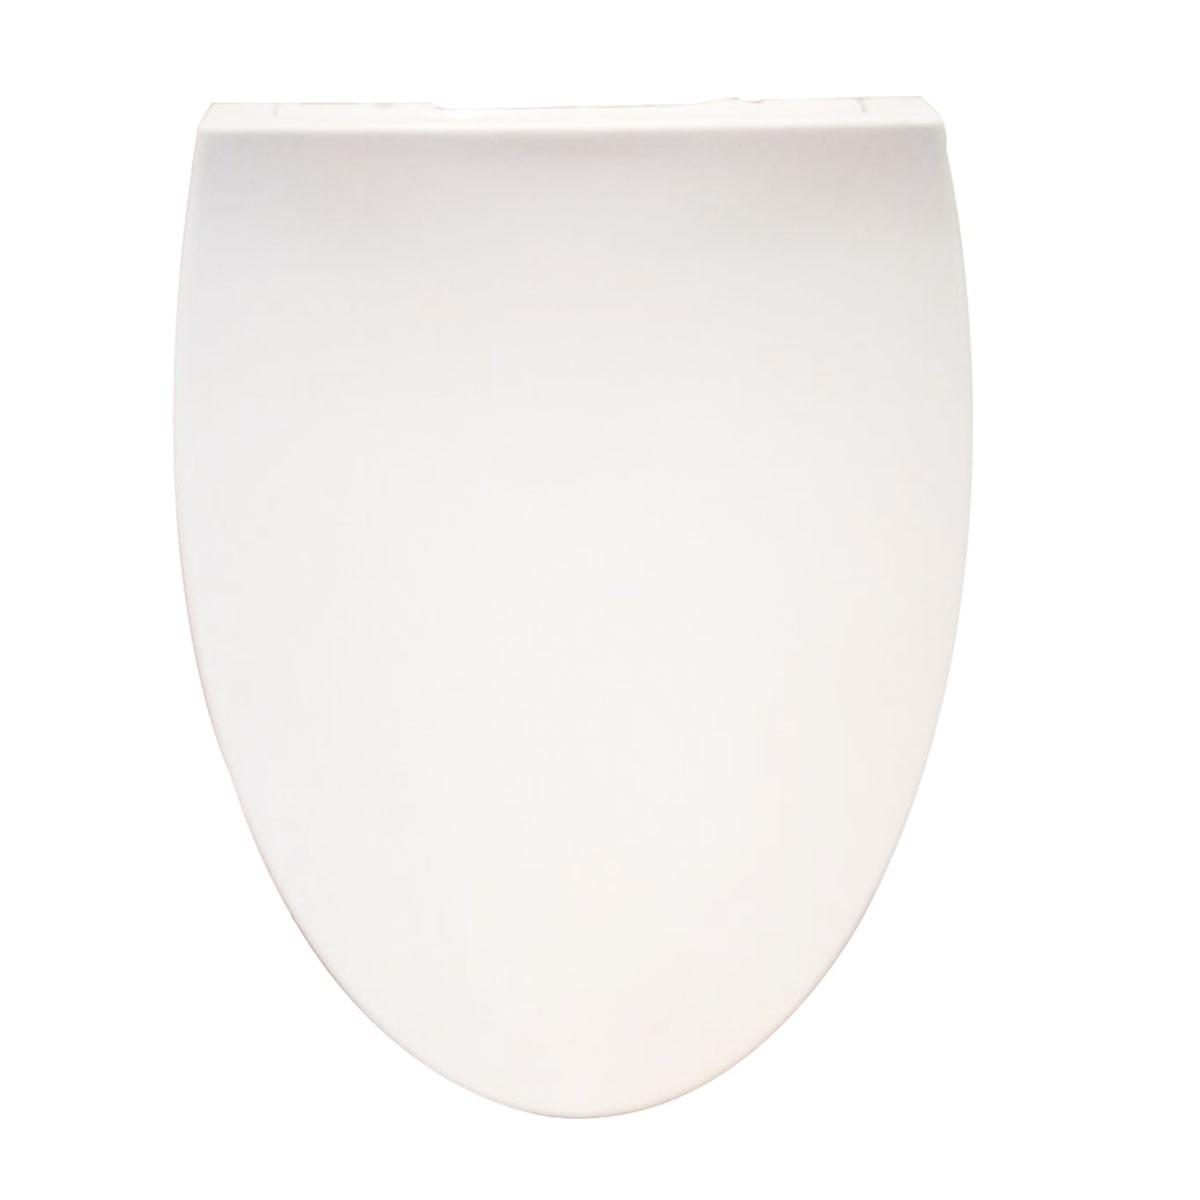 Siège de Toilette Allongé Blanc à Fermeture Douce avec Couvercle en PP (DK-CL-058)